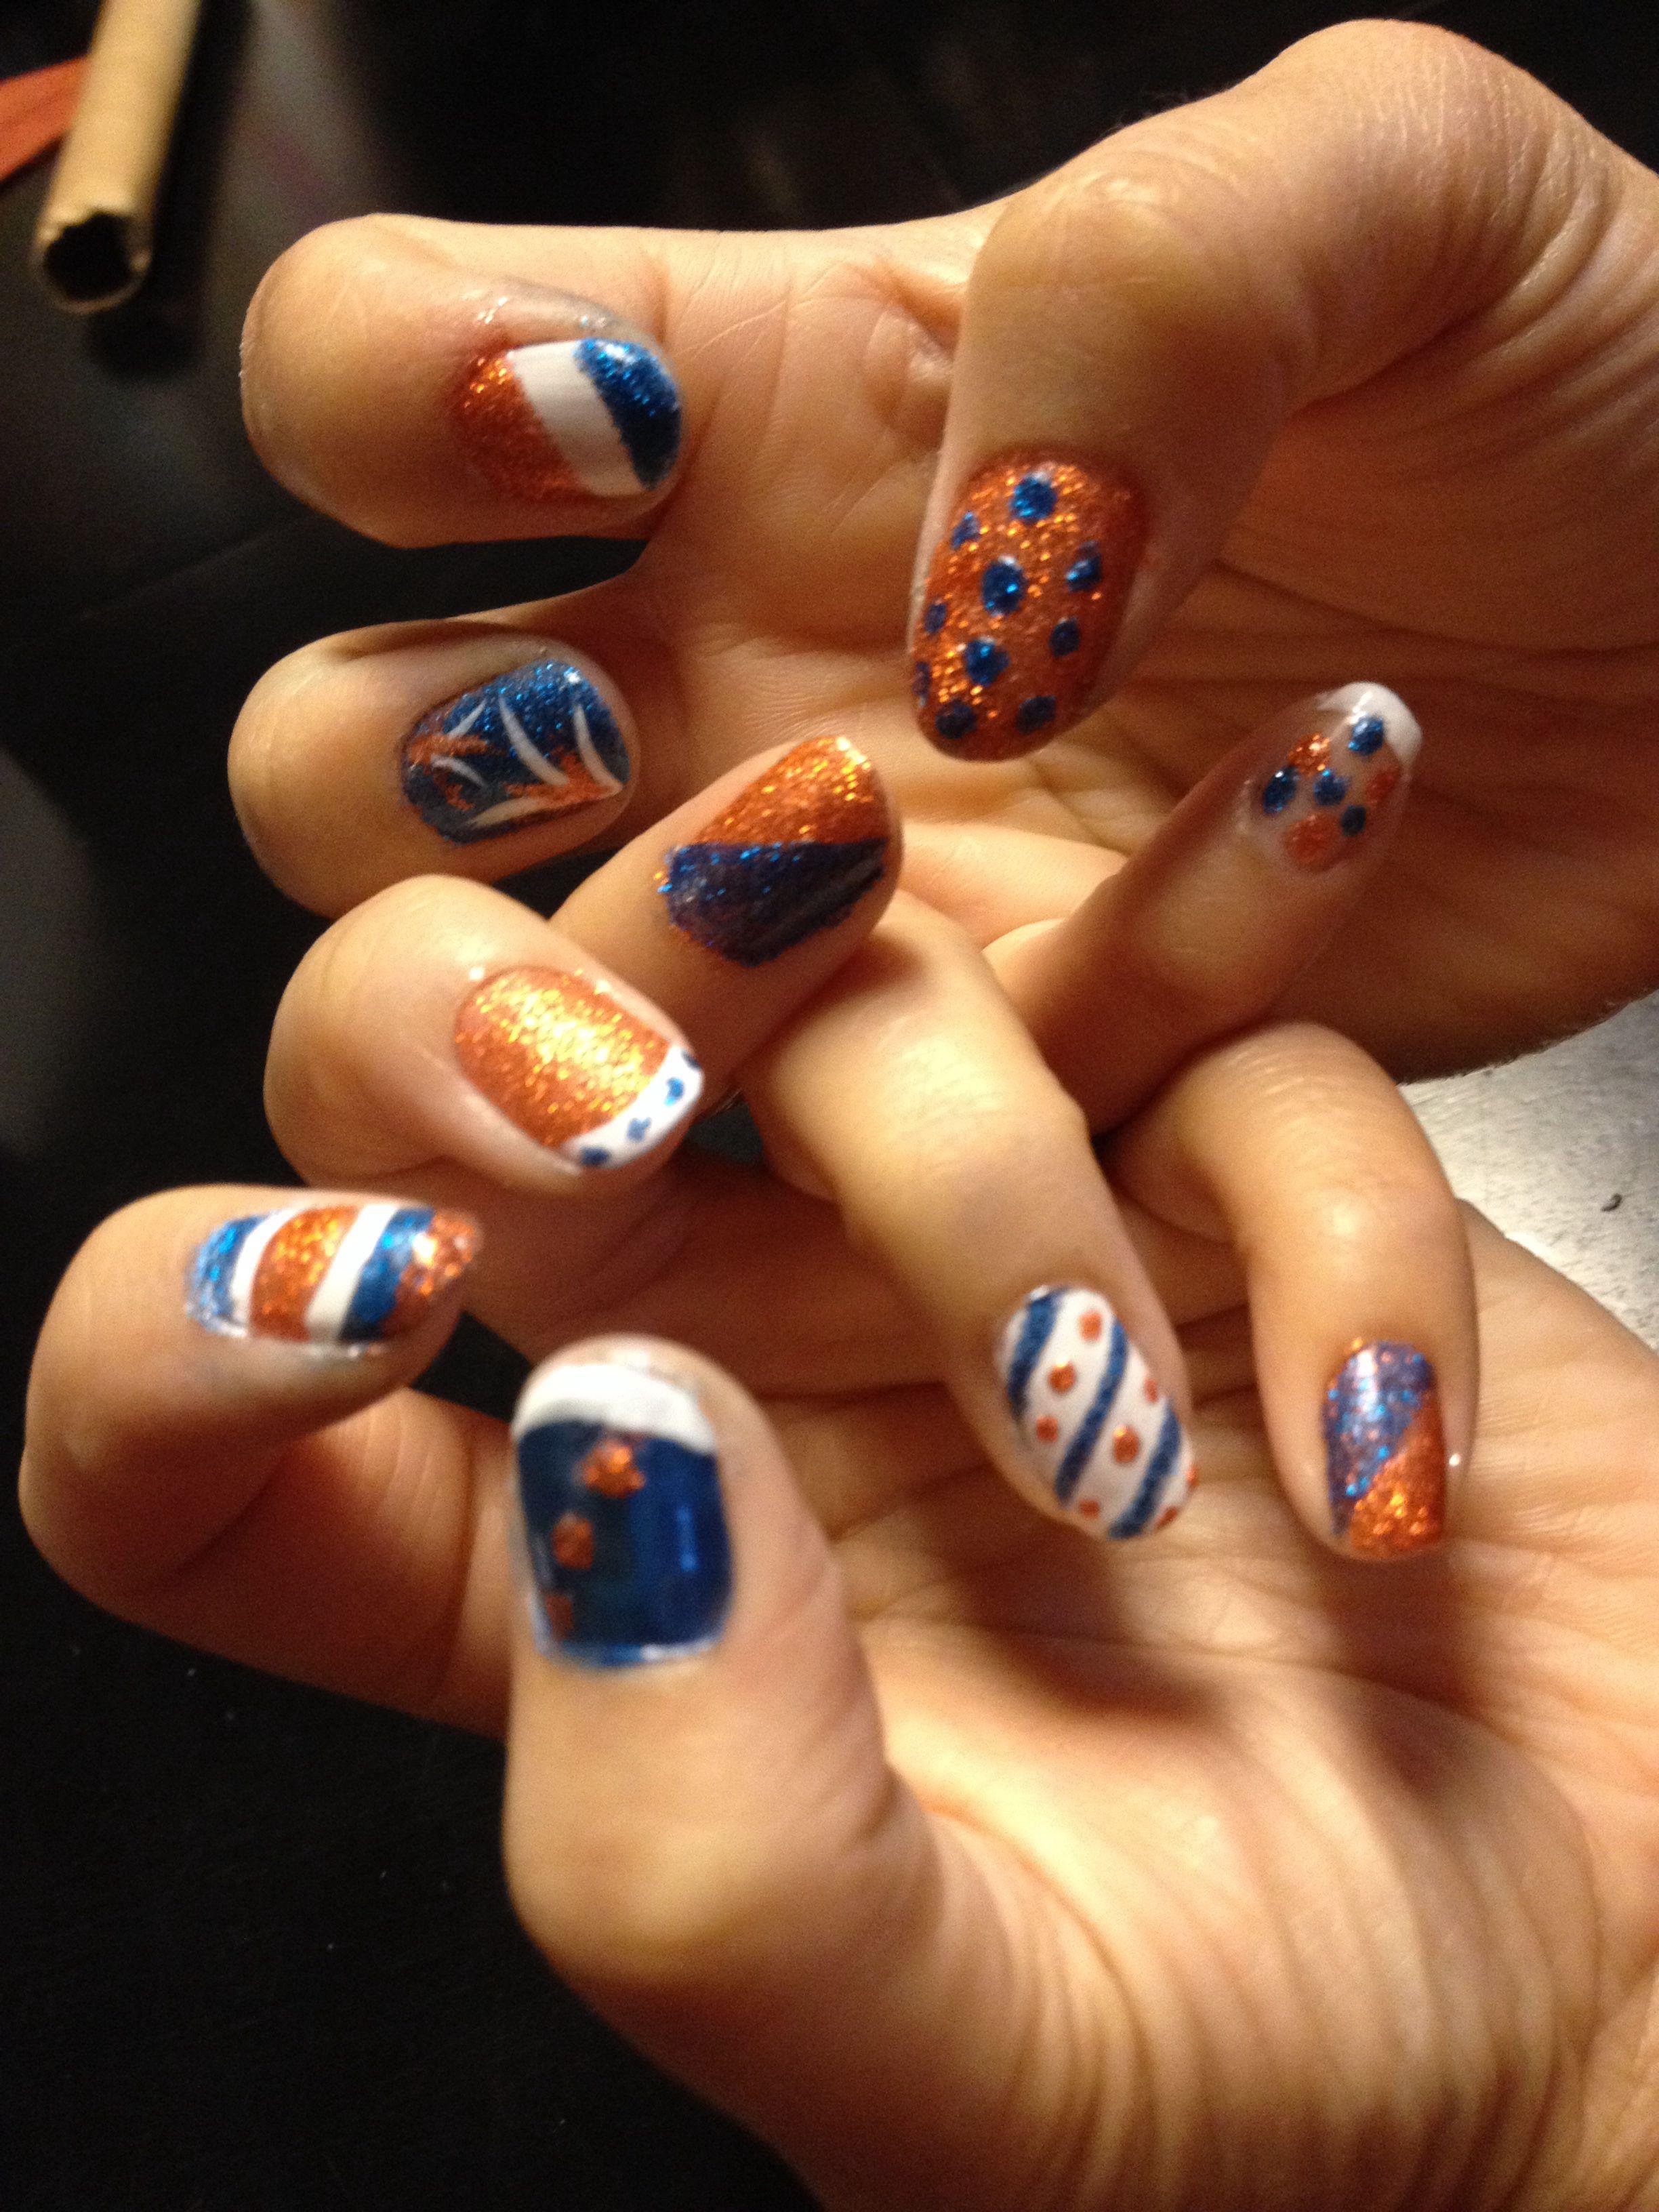 Denver Broncos nails   My Broncos   Pinterest   Denver broncos nails ...